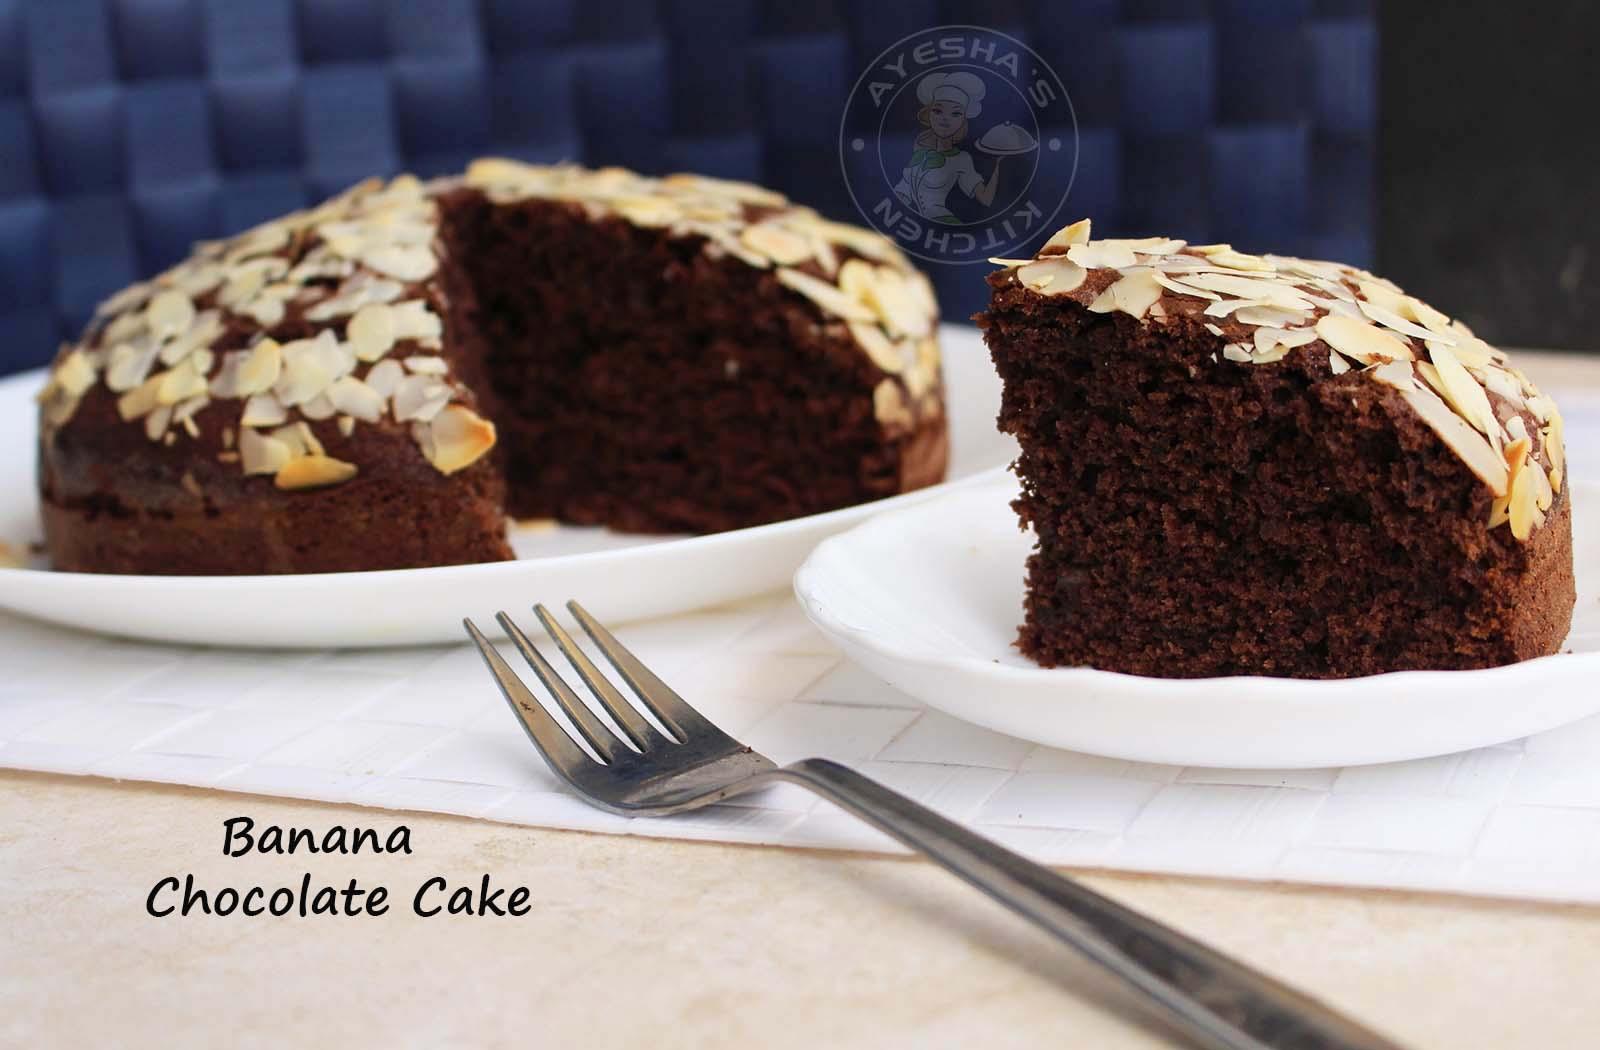 DARK CHOCOLATE CAKE RECIPE - EASY CHOCOLATE BANANA CAKE